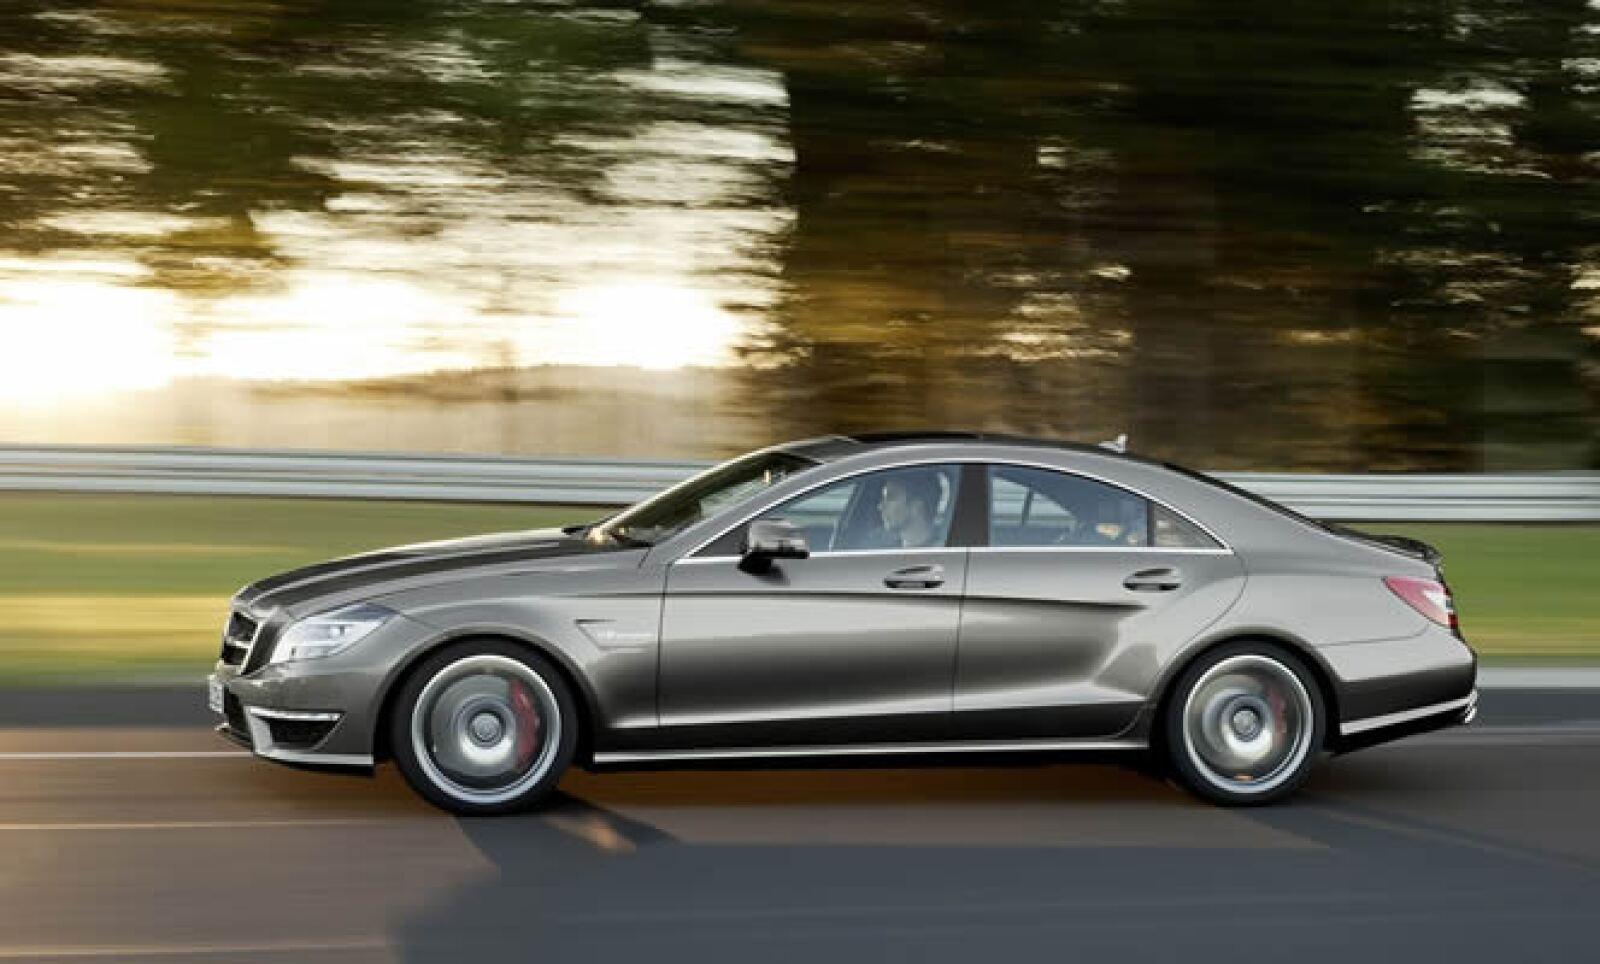 """""""Este vehículo representa una experiencia única de alto desempeño. Nos marca un estándar en materia de diseño, desempeño y eficacia"""", dijo Ola Källenius, jefe de la división AMG de la automotriz."""